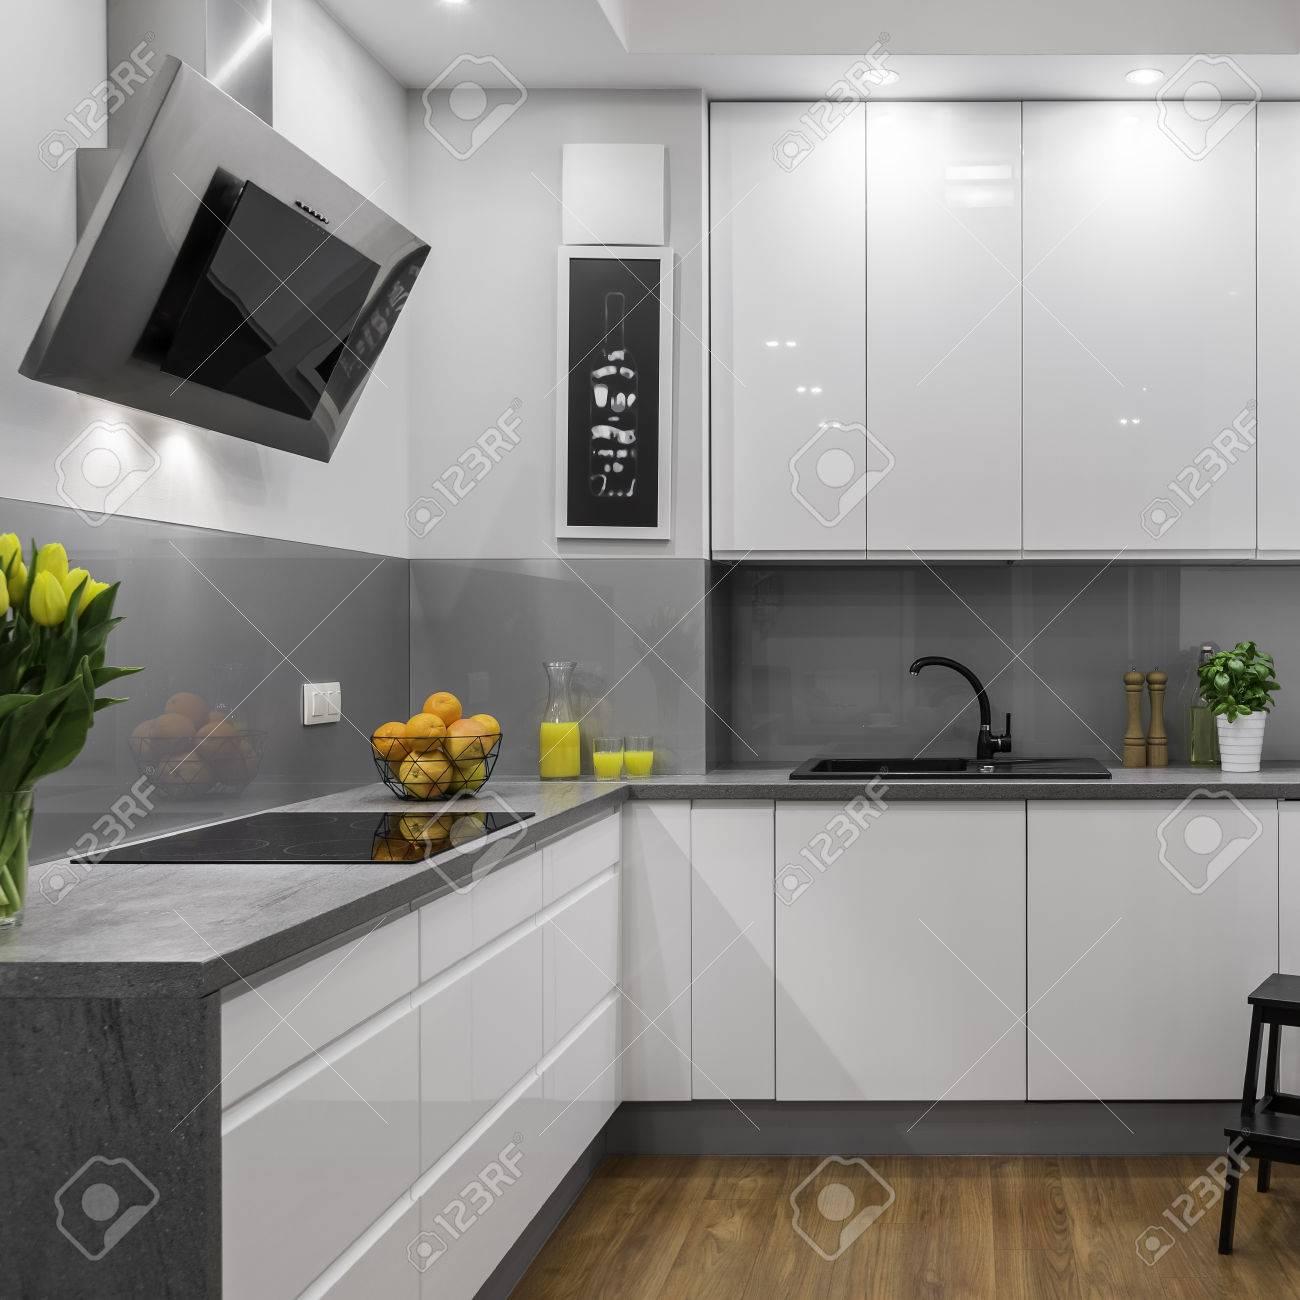 Cocina De Diseño Moderno En Colores Blanco Y Gris Fotos, Retratos ...